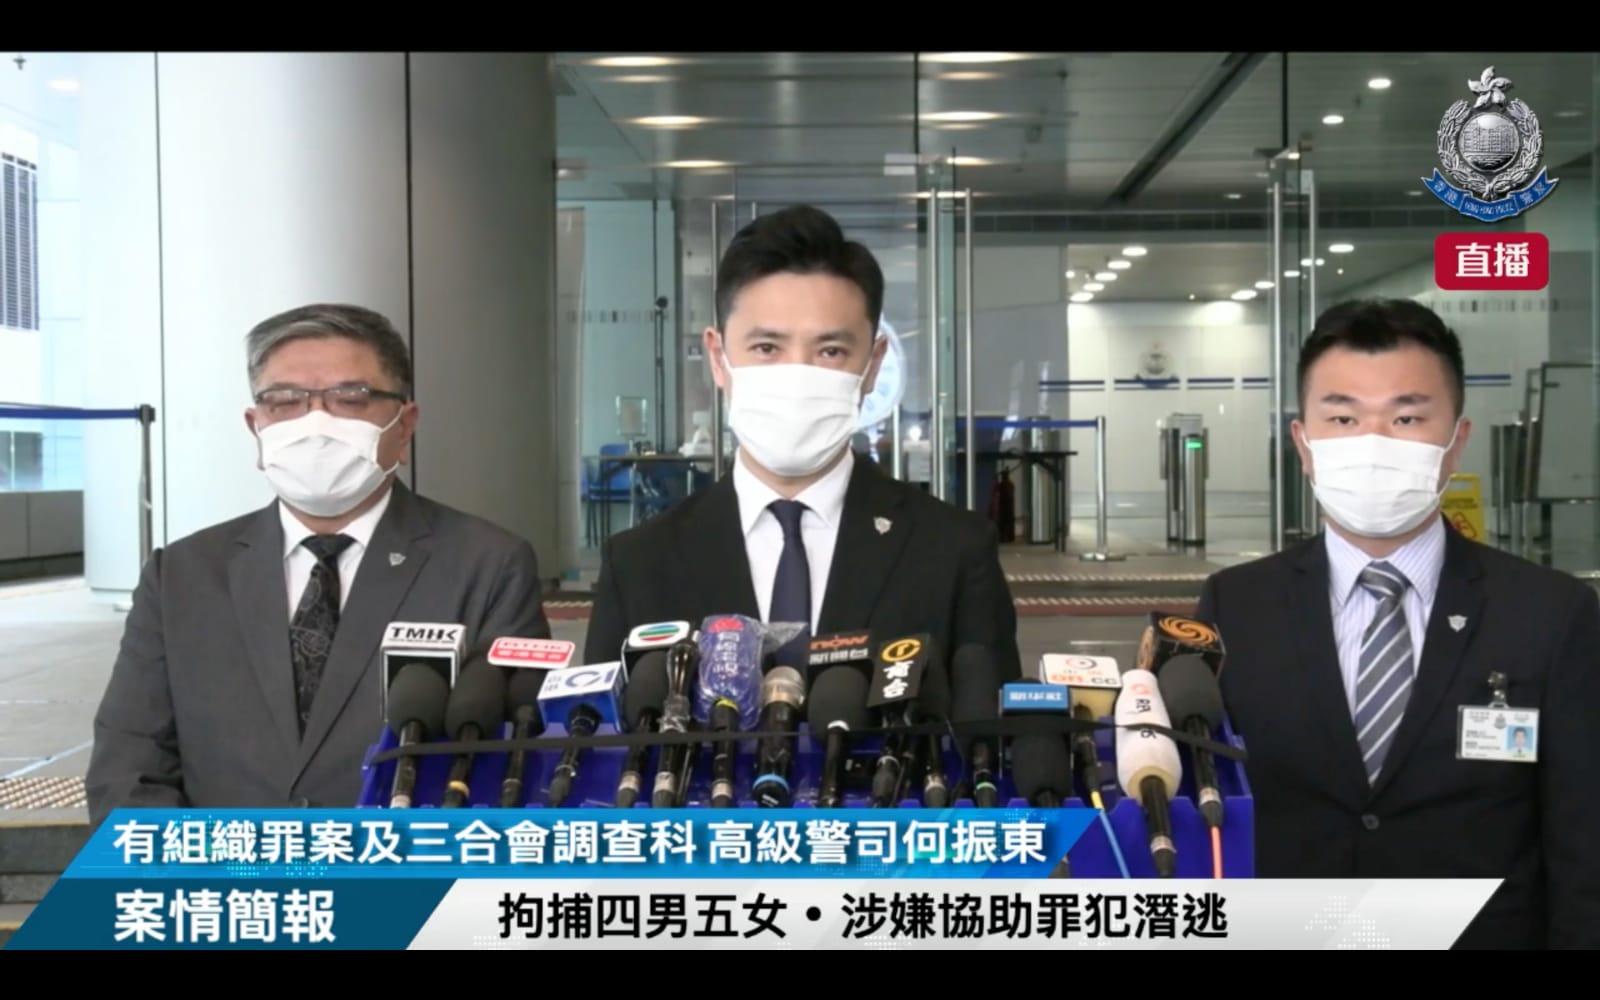 警方今晨拘捕4男5女,涉嫌協助12港人逃走,有組織罪案及三合會調查科高級警司何振東見記者。(警方直播片段截圖)